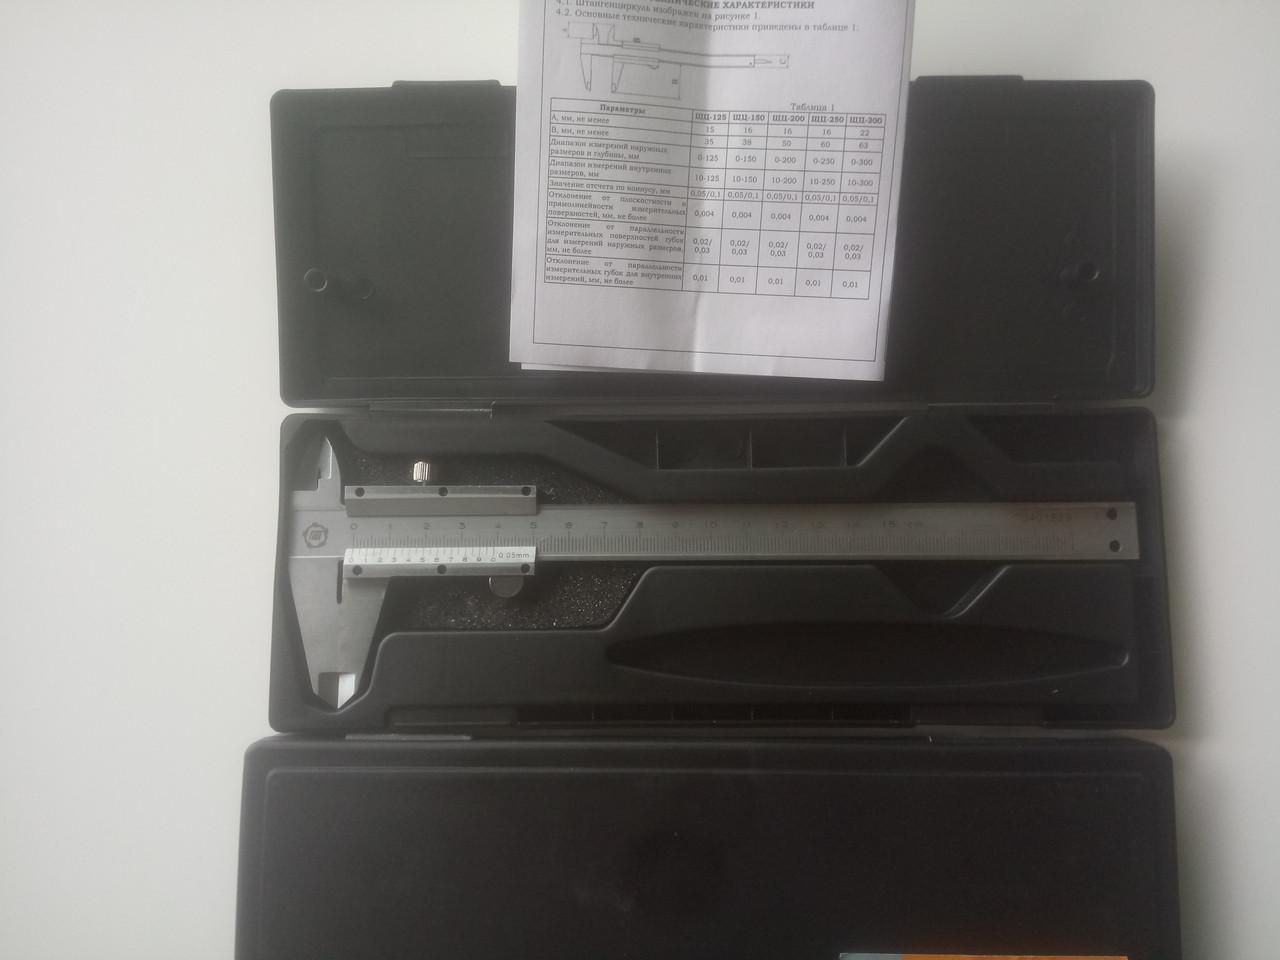 Штангенциркуль ШЦ -1-150 ц.д.0,05мм. ГОСТ 166-89,возможна калибровка в УкрЦСМ.